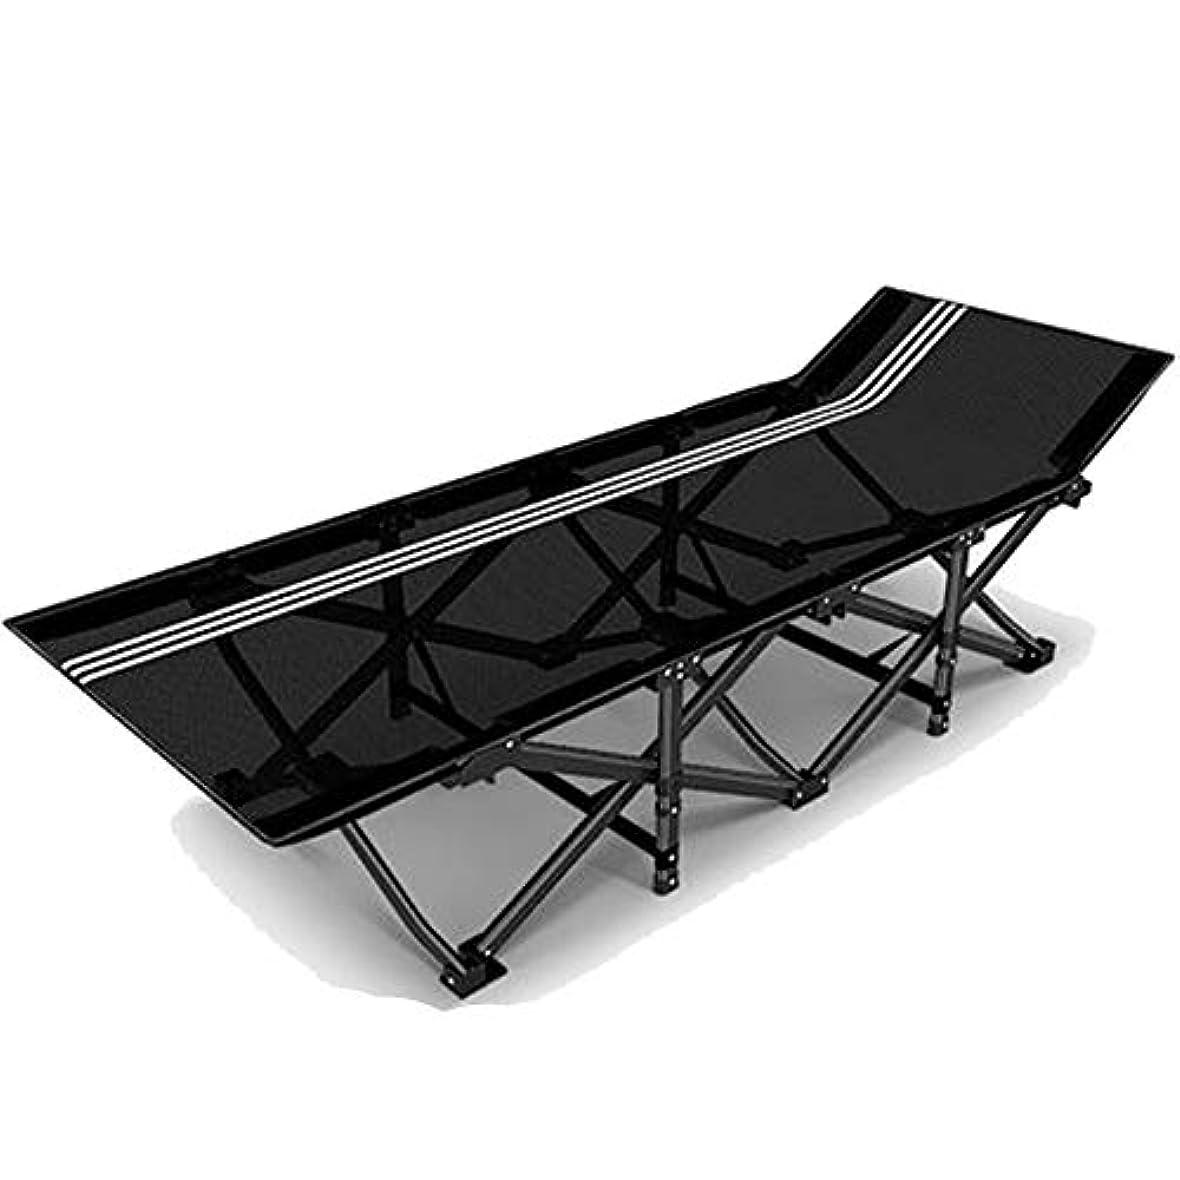 死傷者保証する苛性折りたたみベッド昼寝ベッドシングルベッド収容ベッドシンプルな屋外キャンプベッド便利な収納 (Size : A)